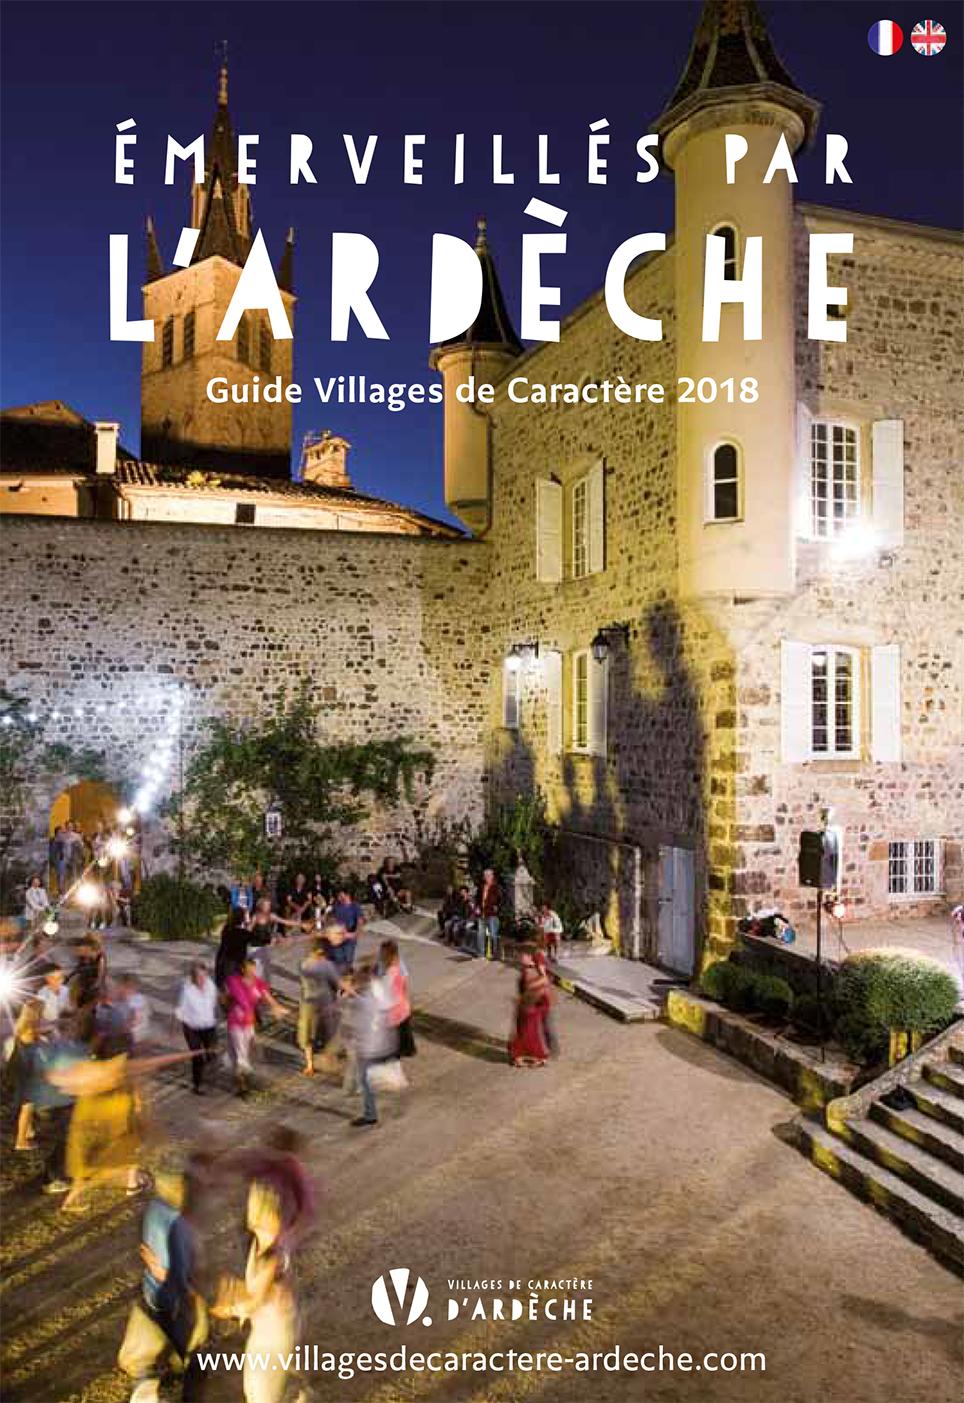 Guide Villages de Caractère 2018